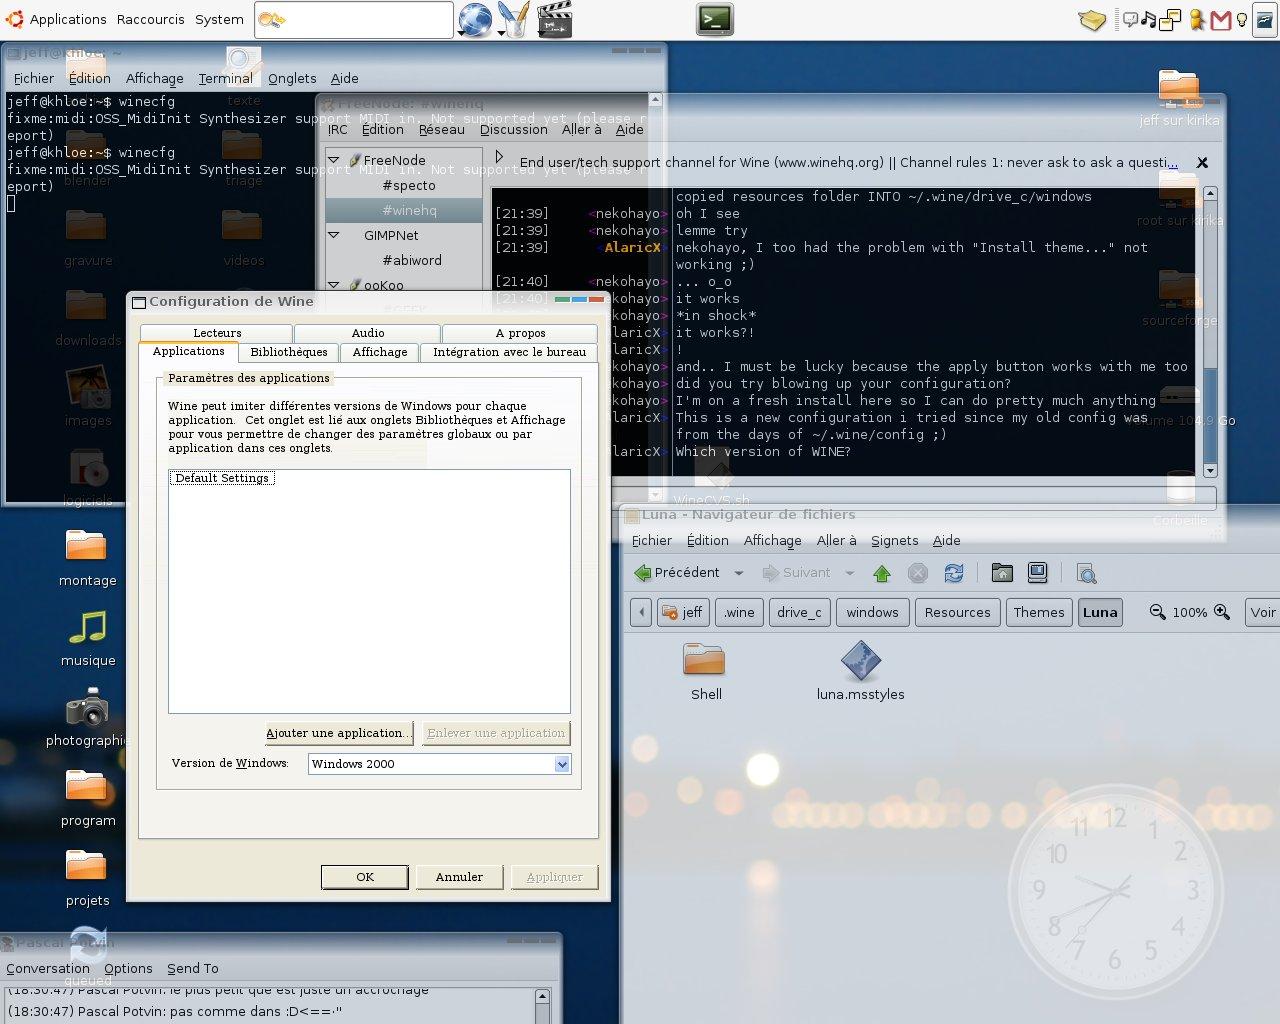 WINE supporte les thèmes de Windows XP et c'est écrit nulle